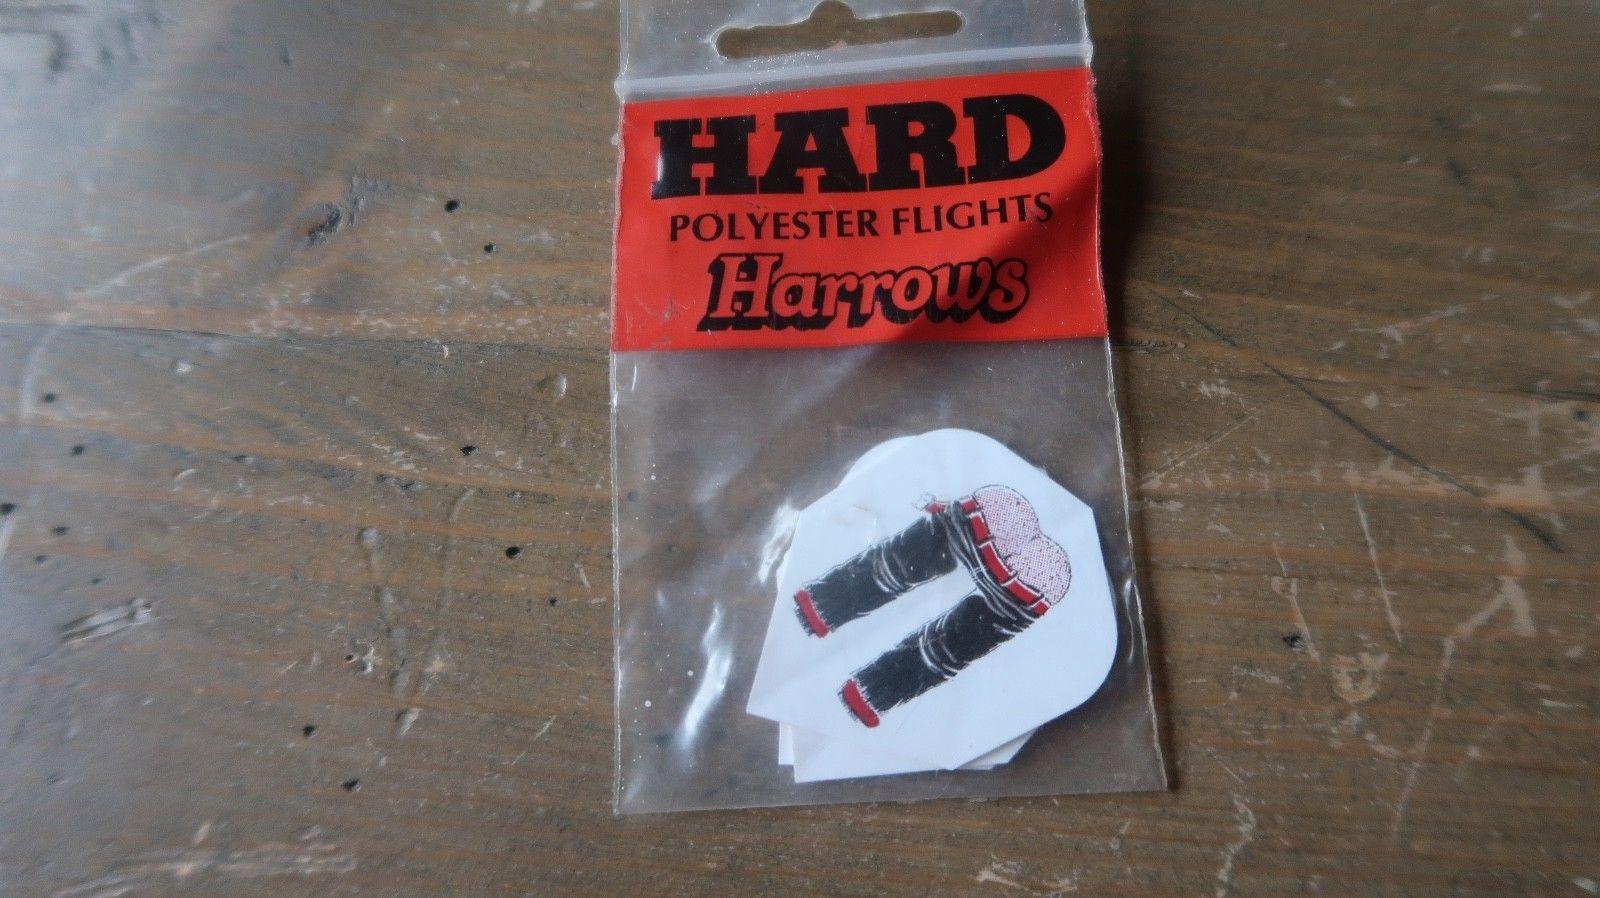 3 NEW Vintage Dart Flights HAIRY BUTT MOONING